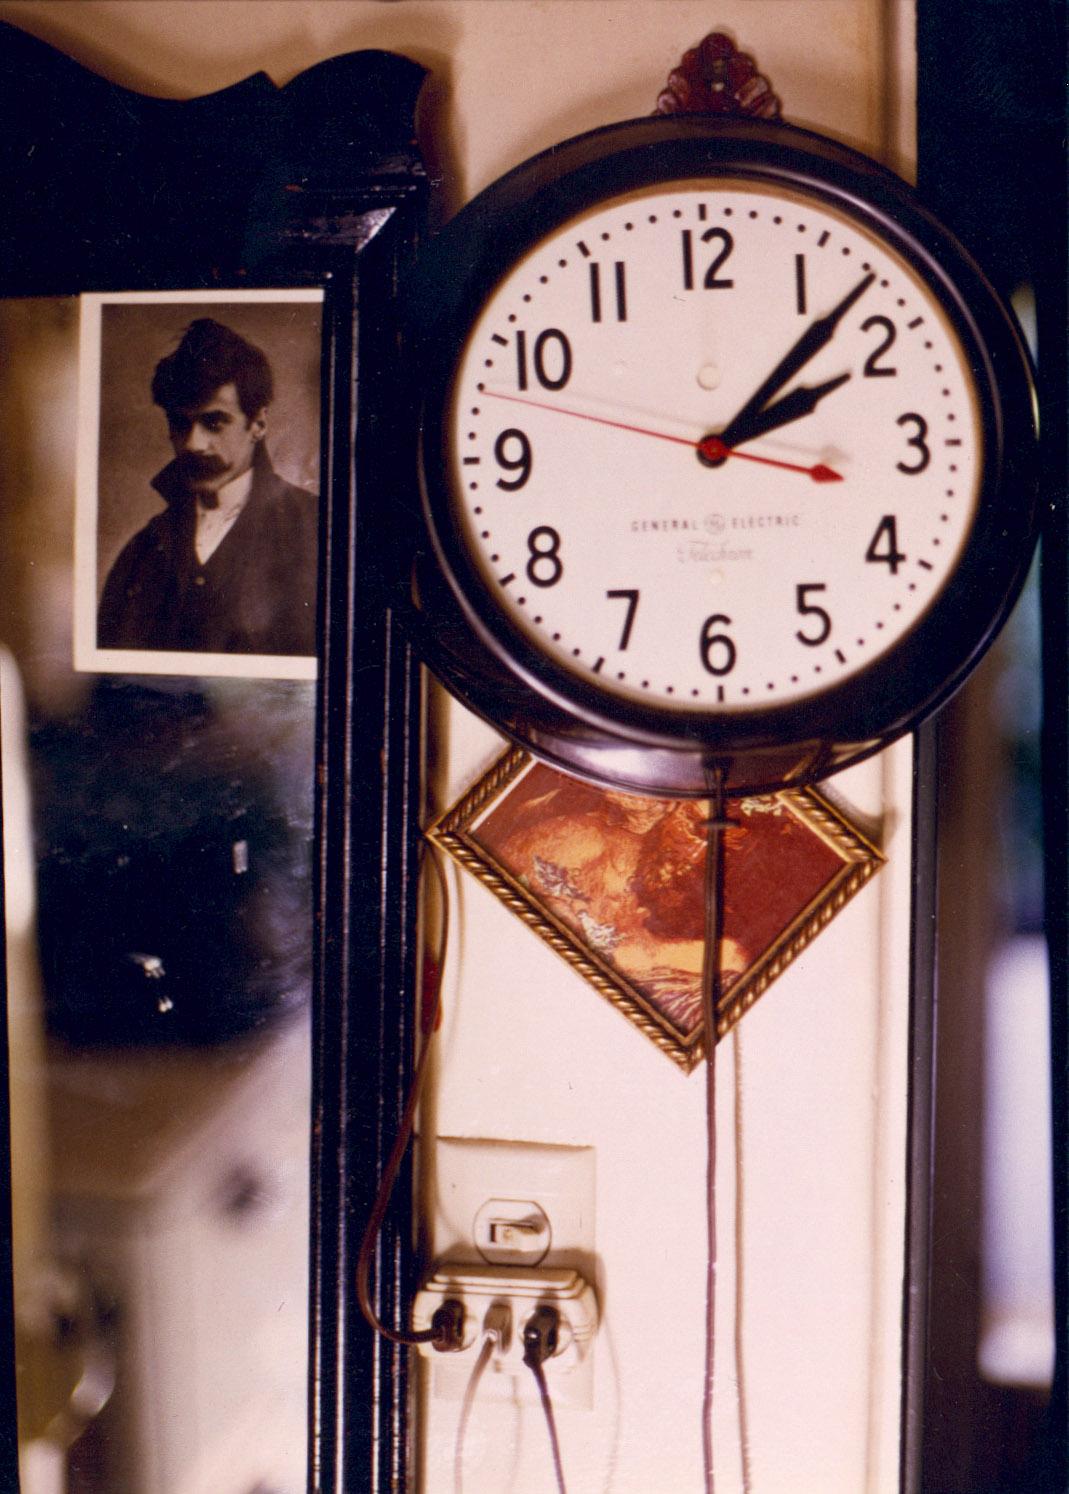 E Still life clock & Steilglitz.jpg